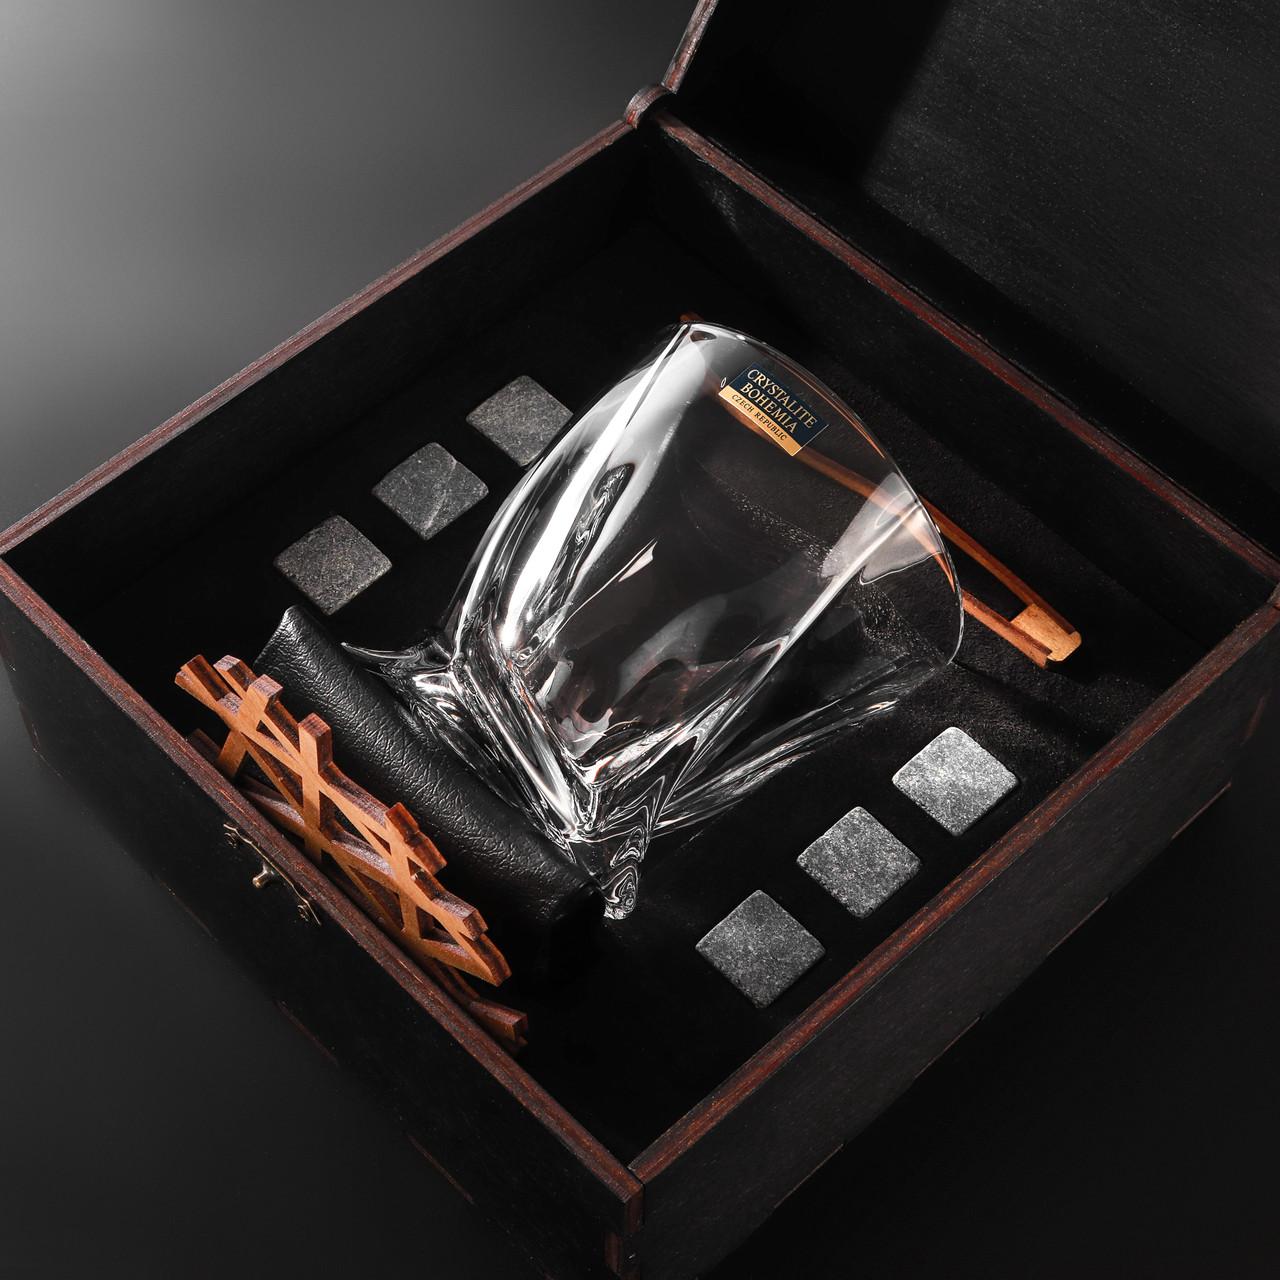 Камни для виски. Подарок мужу. Камни для виски подарочный темный деревянный набор с бокалом Темная коробка + Бокал Bohemia Quadro 340 мл